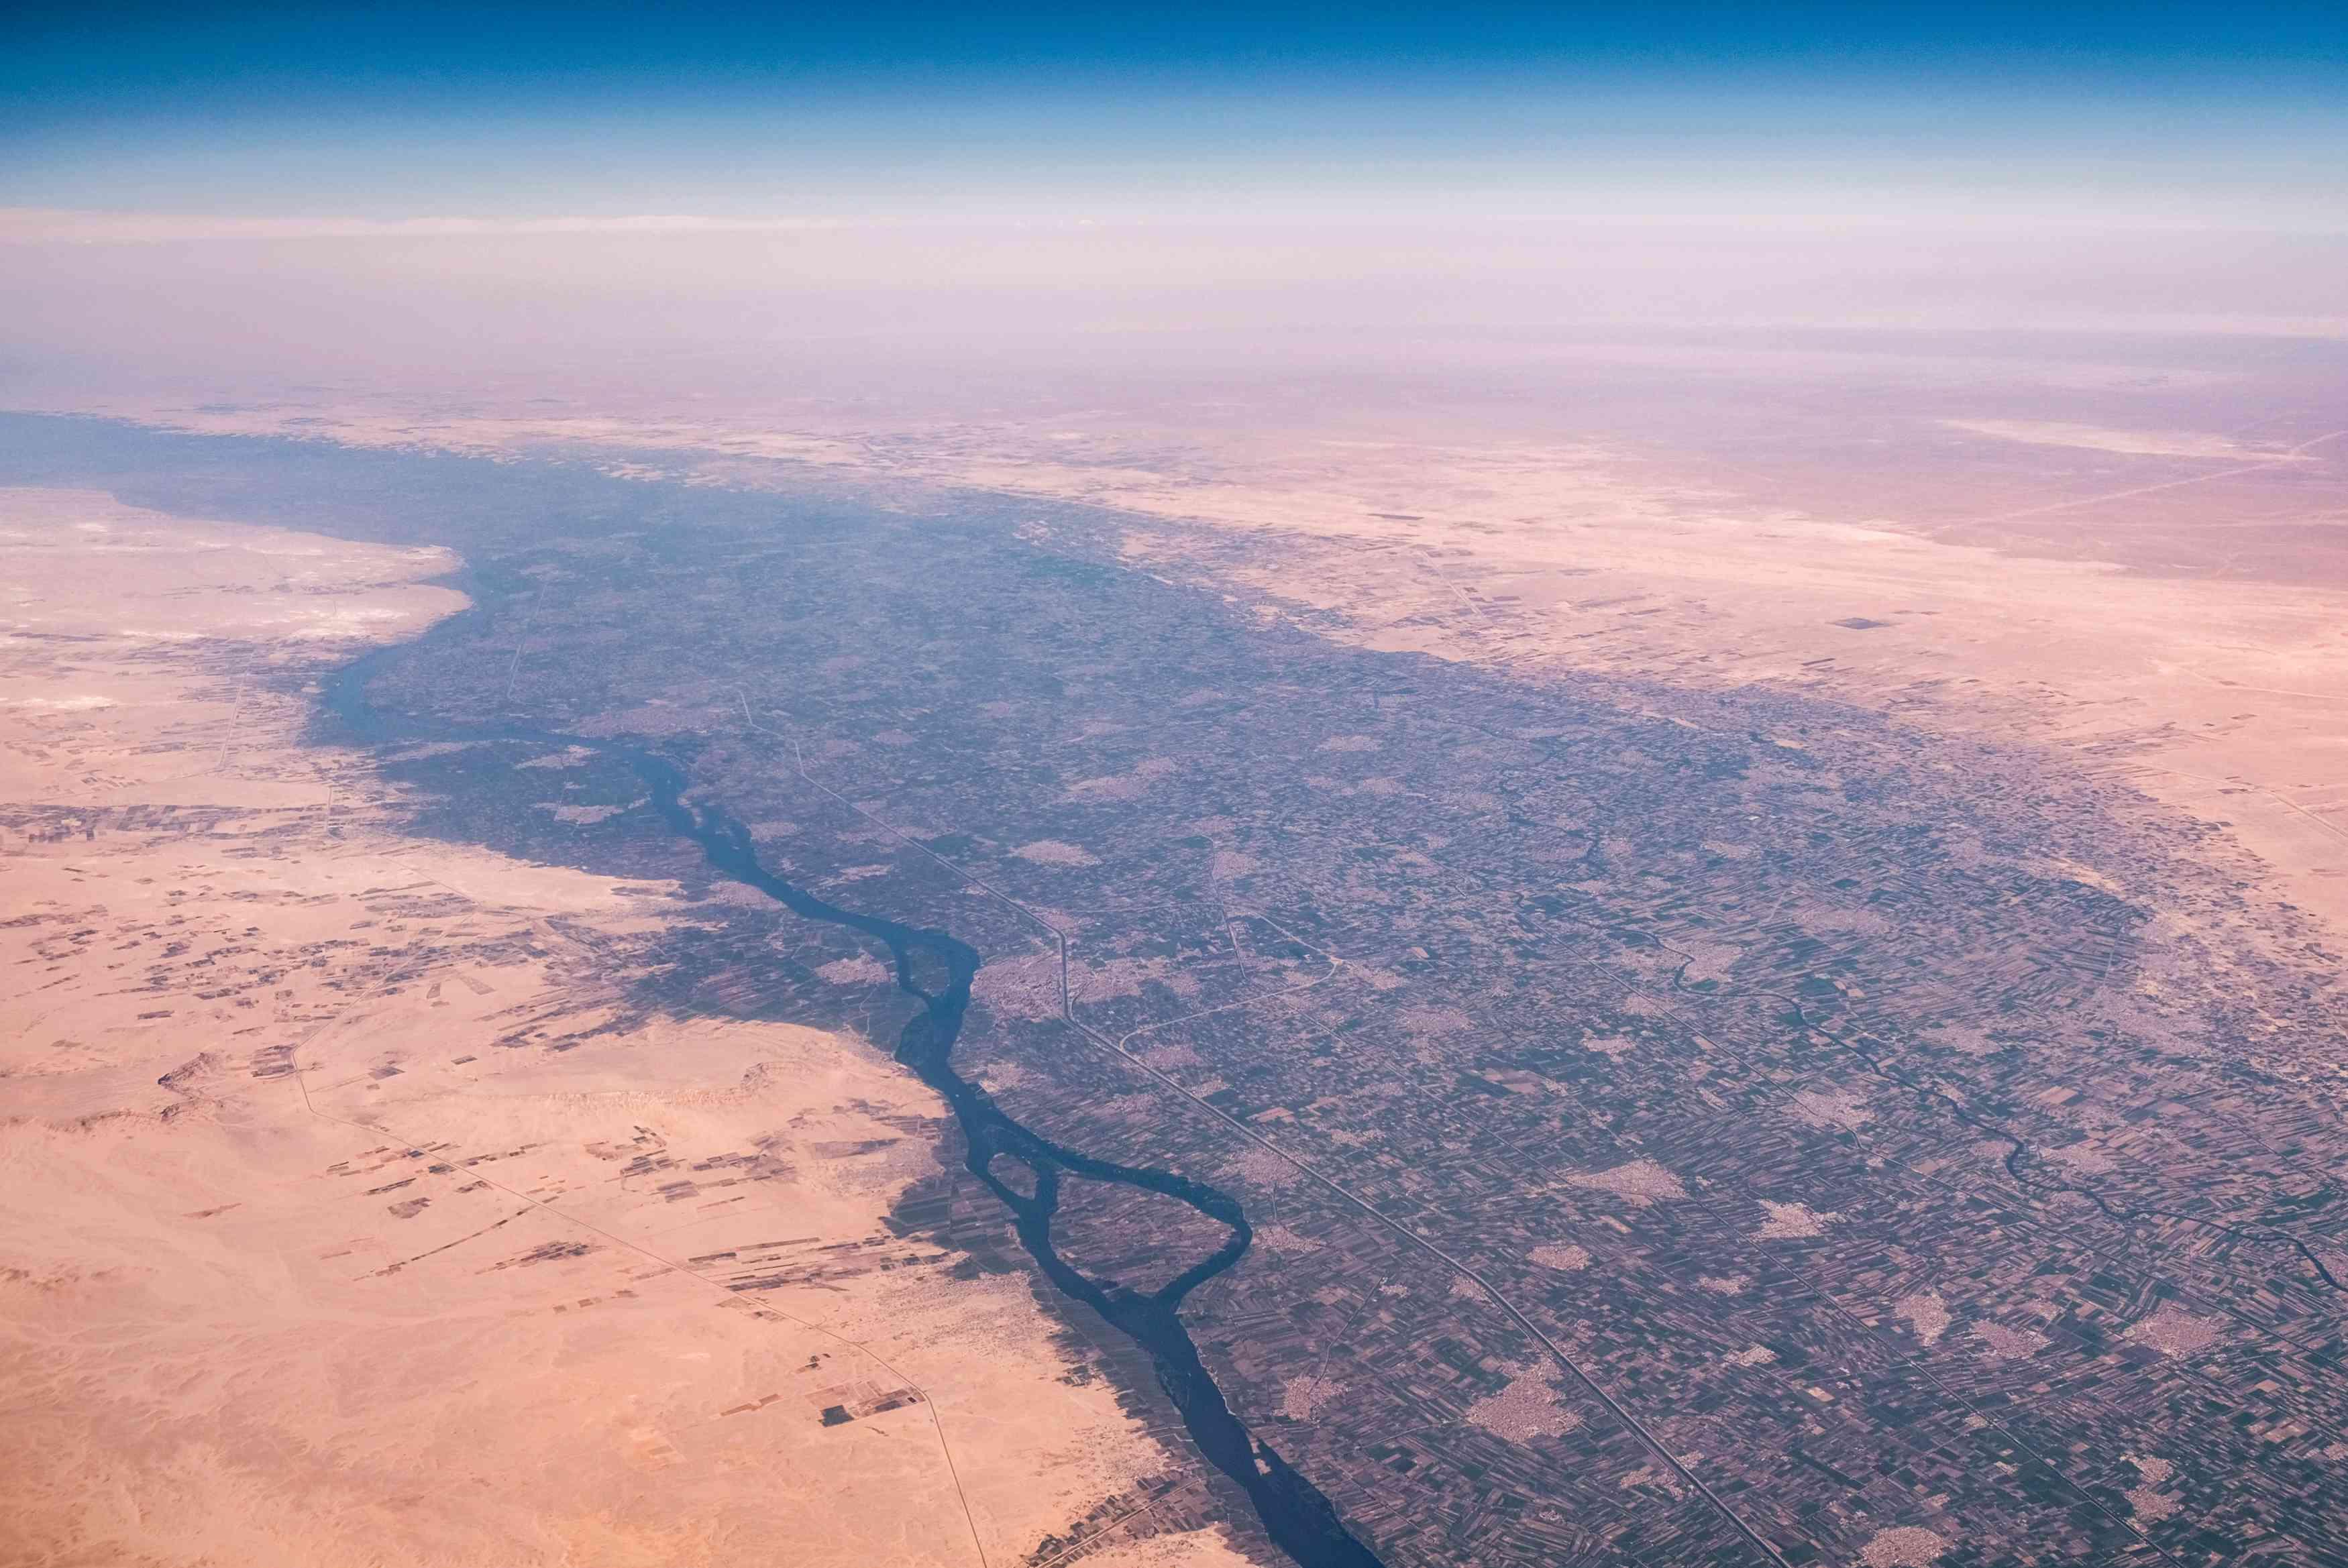 Nile River in the Sahara Desert, Egypt